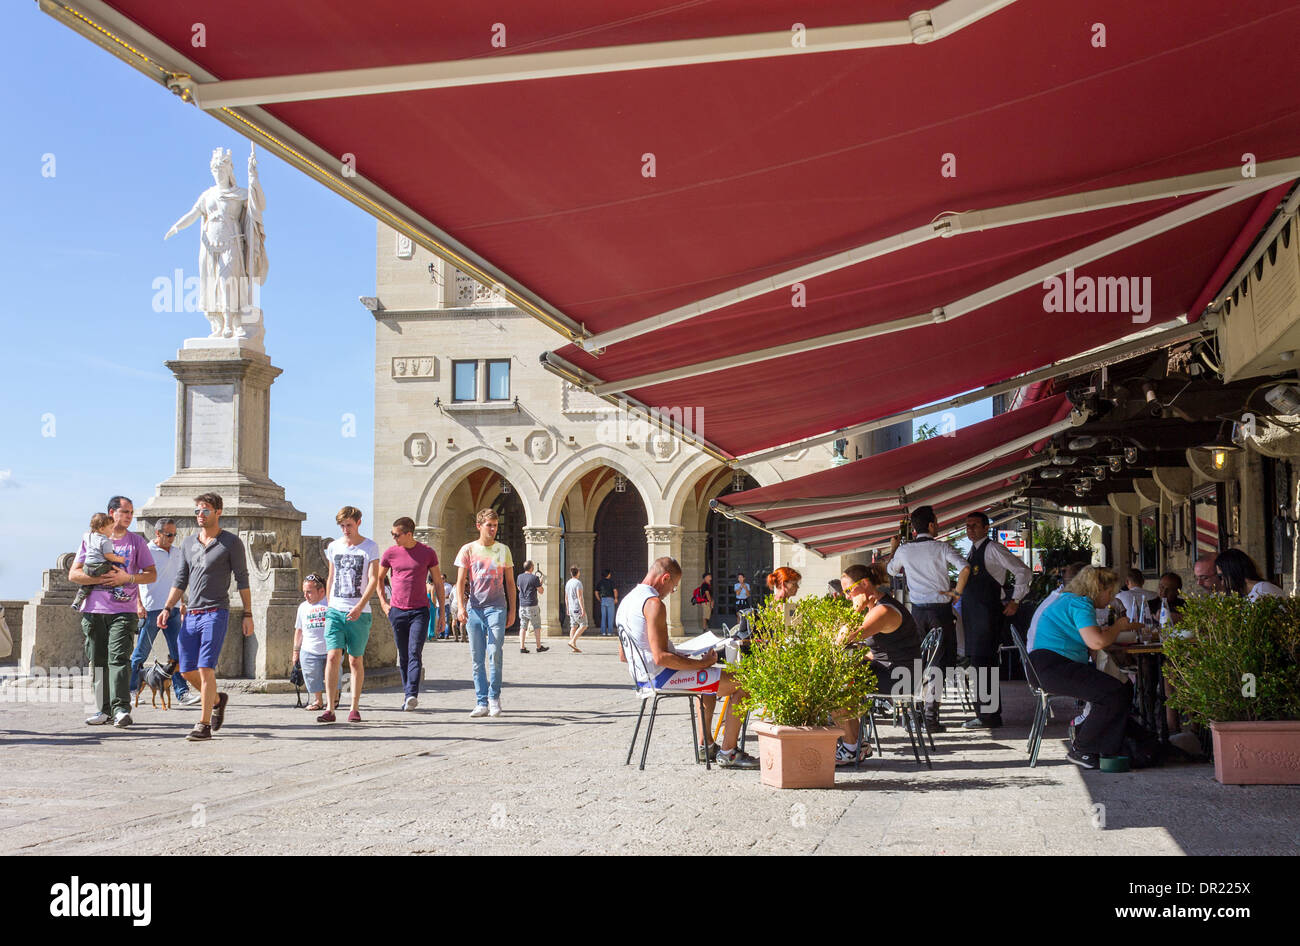 Italy, Emilia Romagna, San Marino, Piazza della Libertà - Stock Image